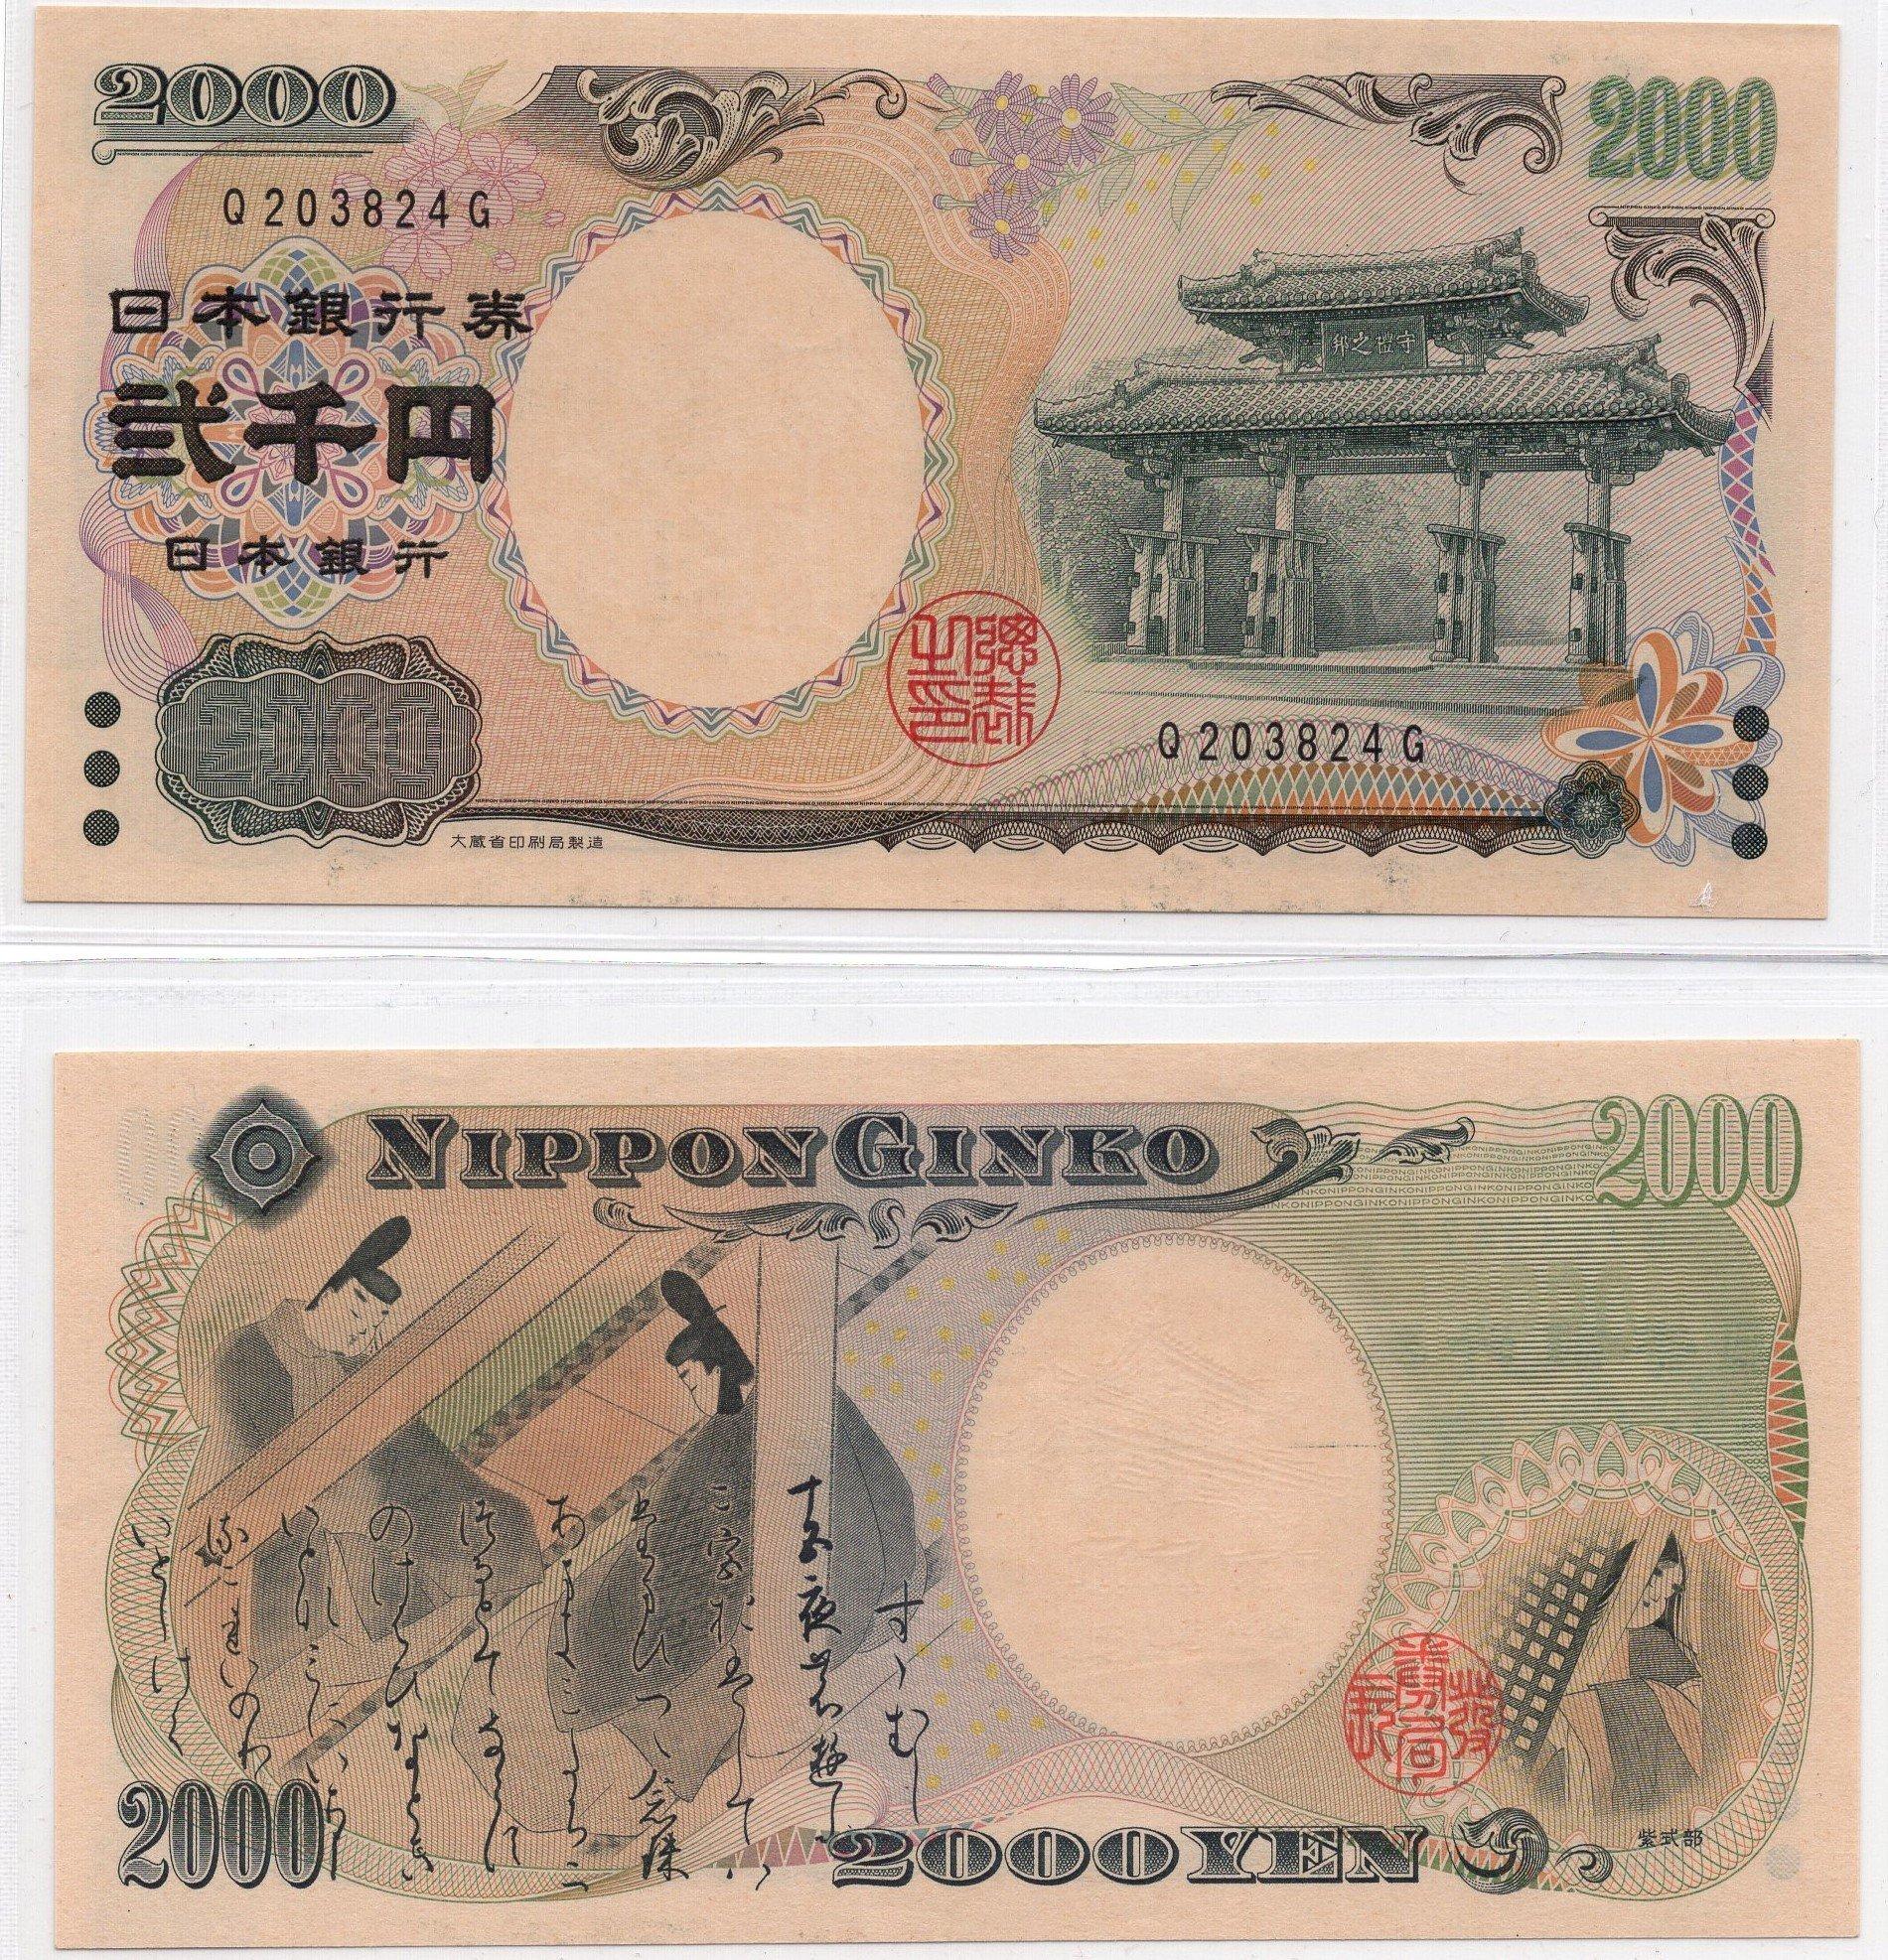 Japan 2000 yen